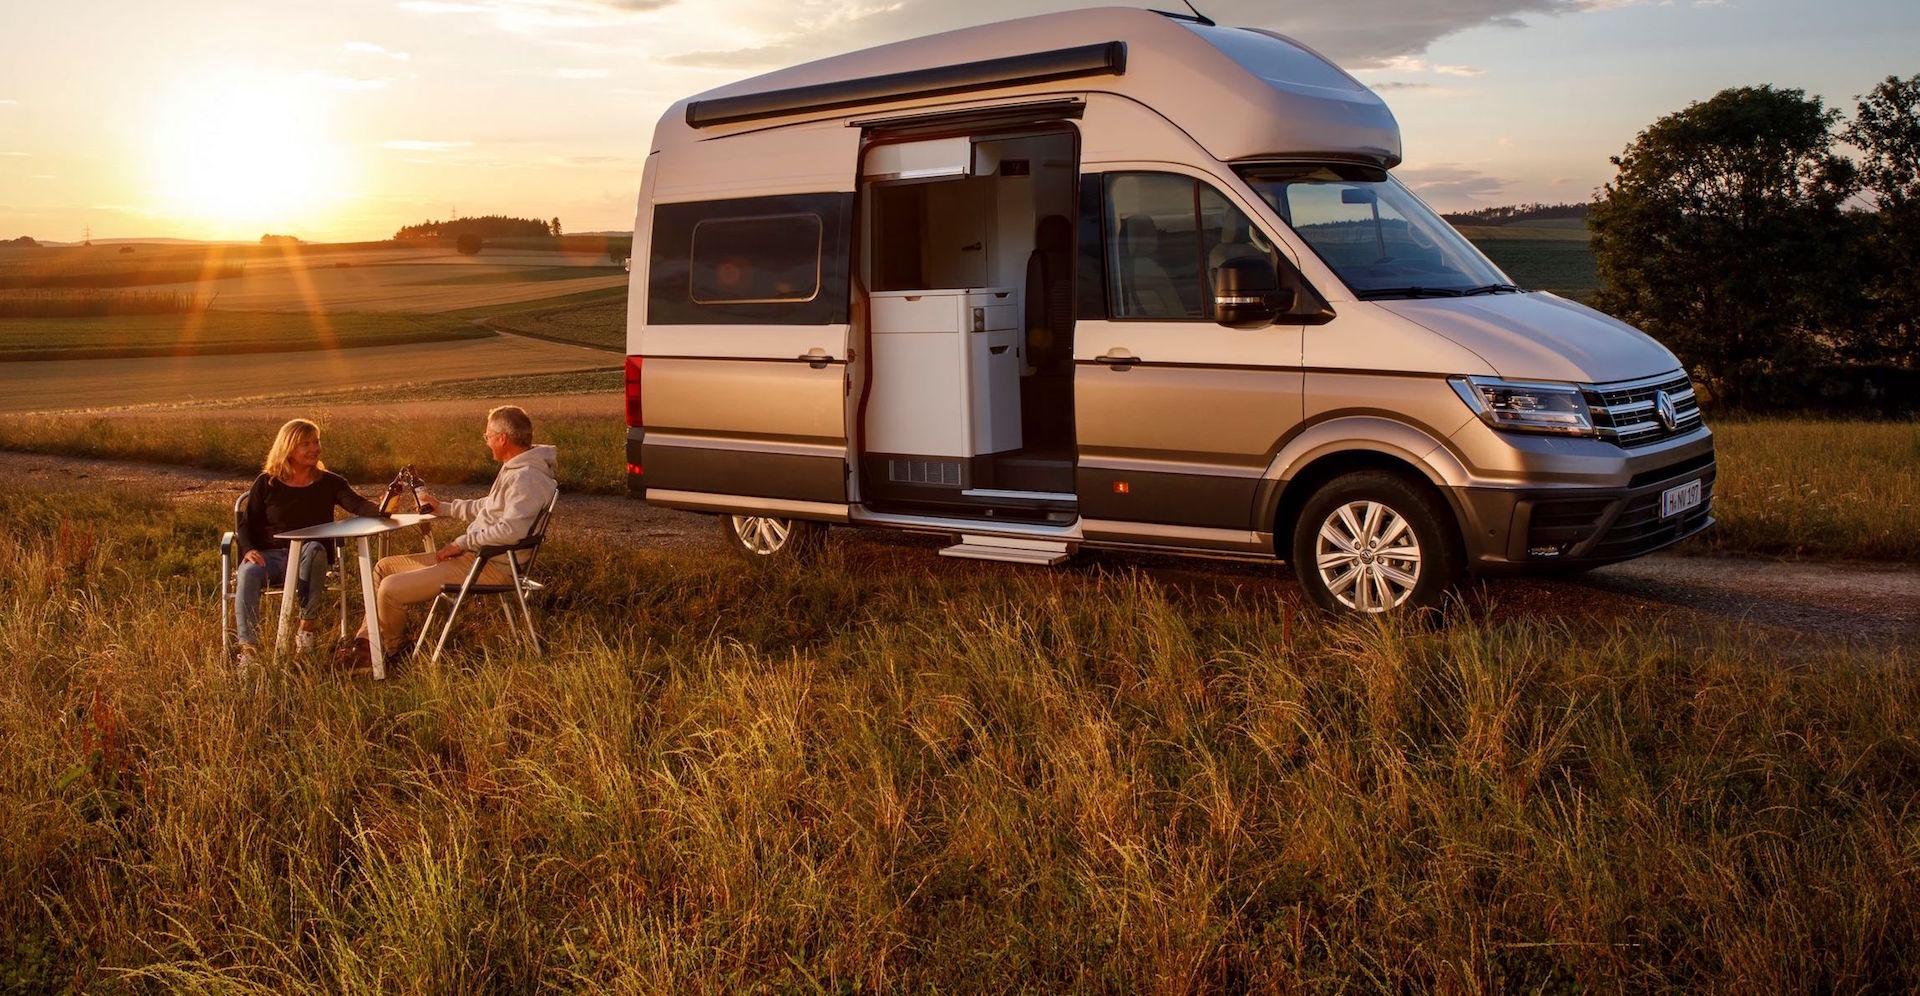 volkswagen grand california perch la vita un viaggio. Black Bedroom Furniture Sets. Home Design Ideas